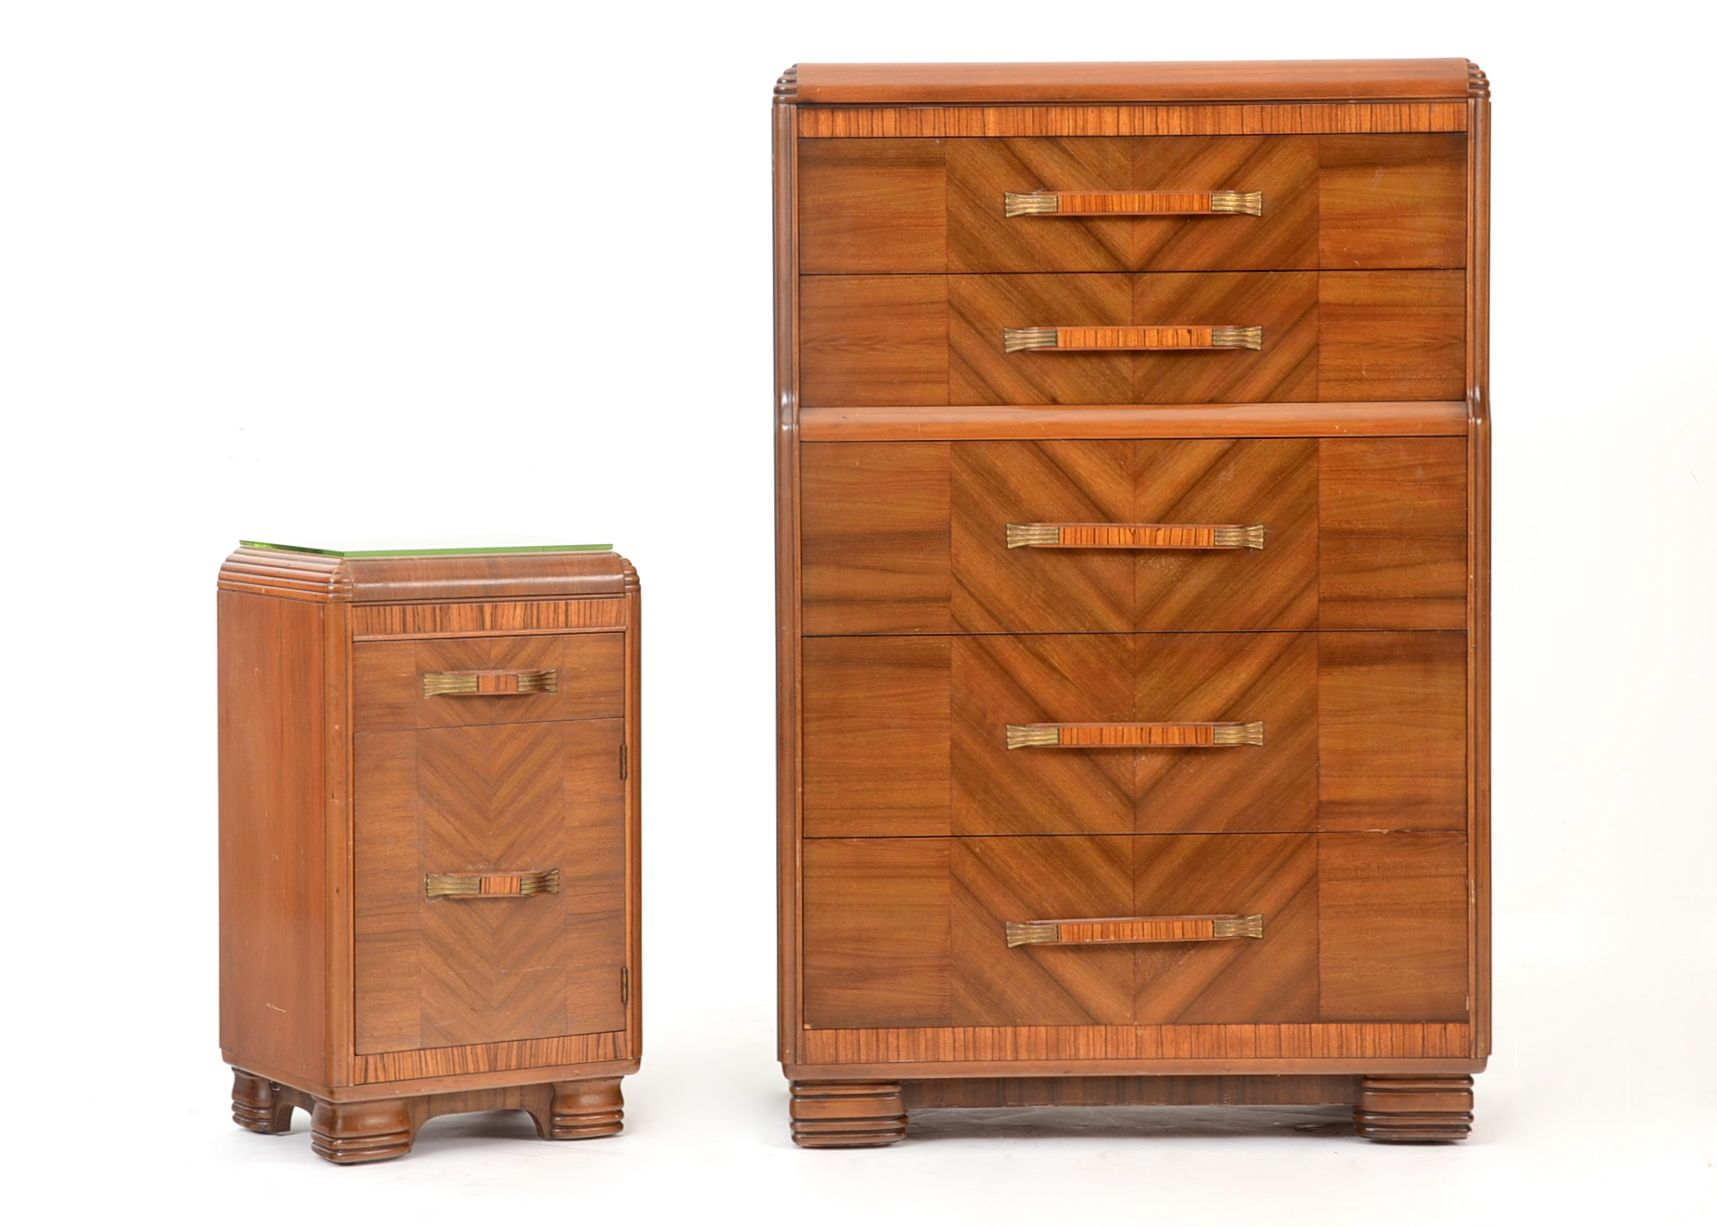 1930s art deco bureau with nightstand